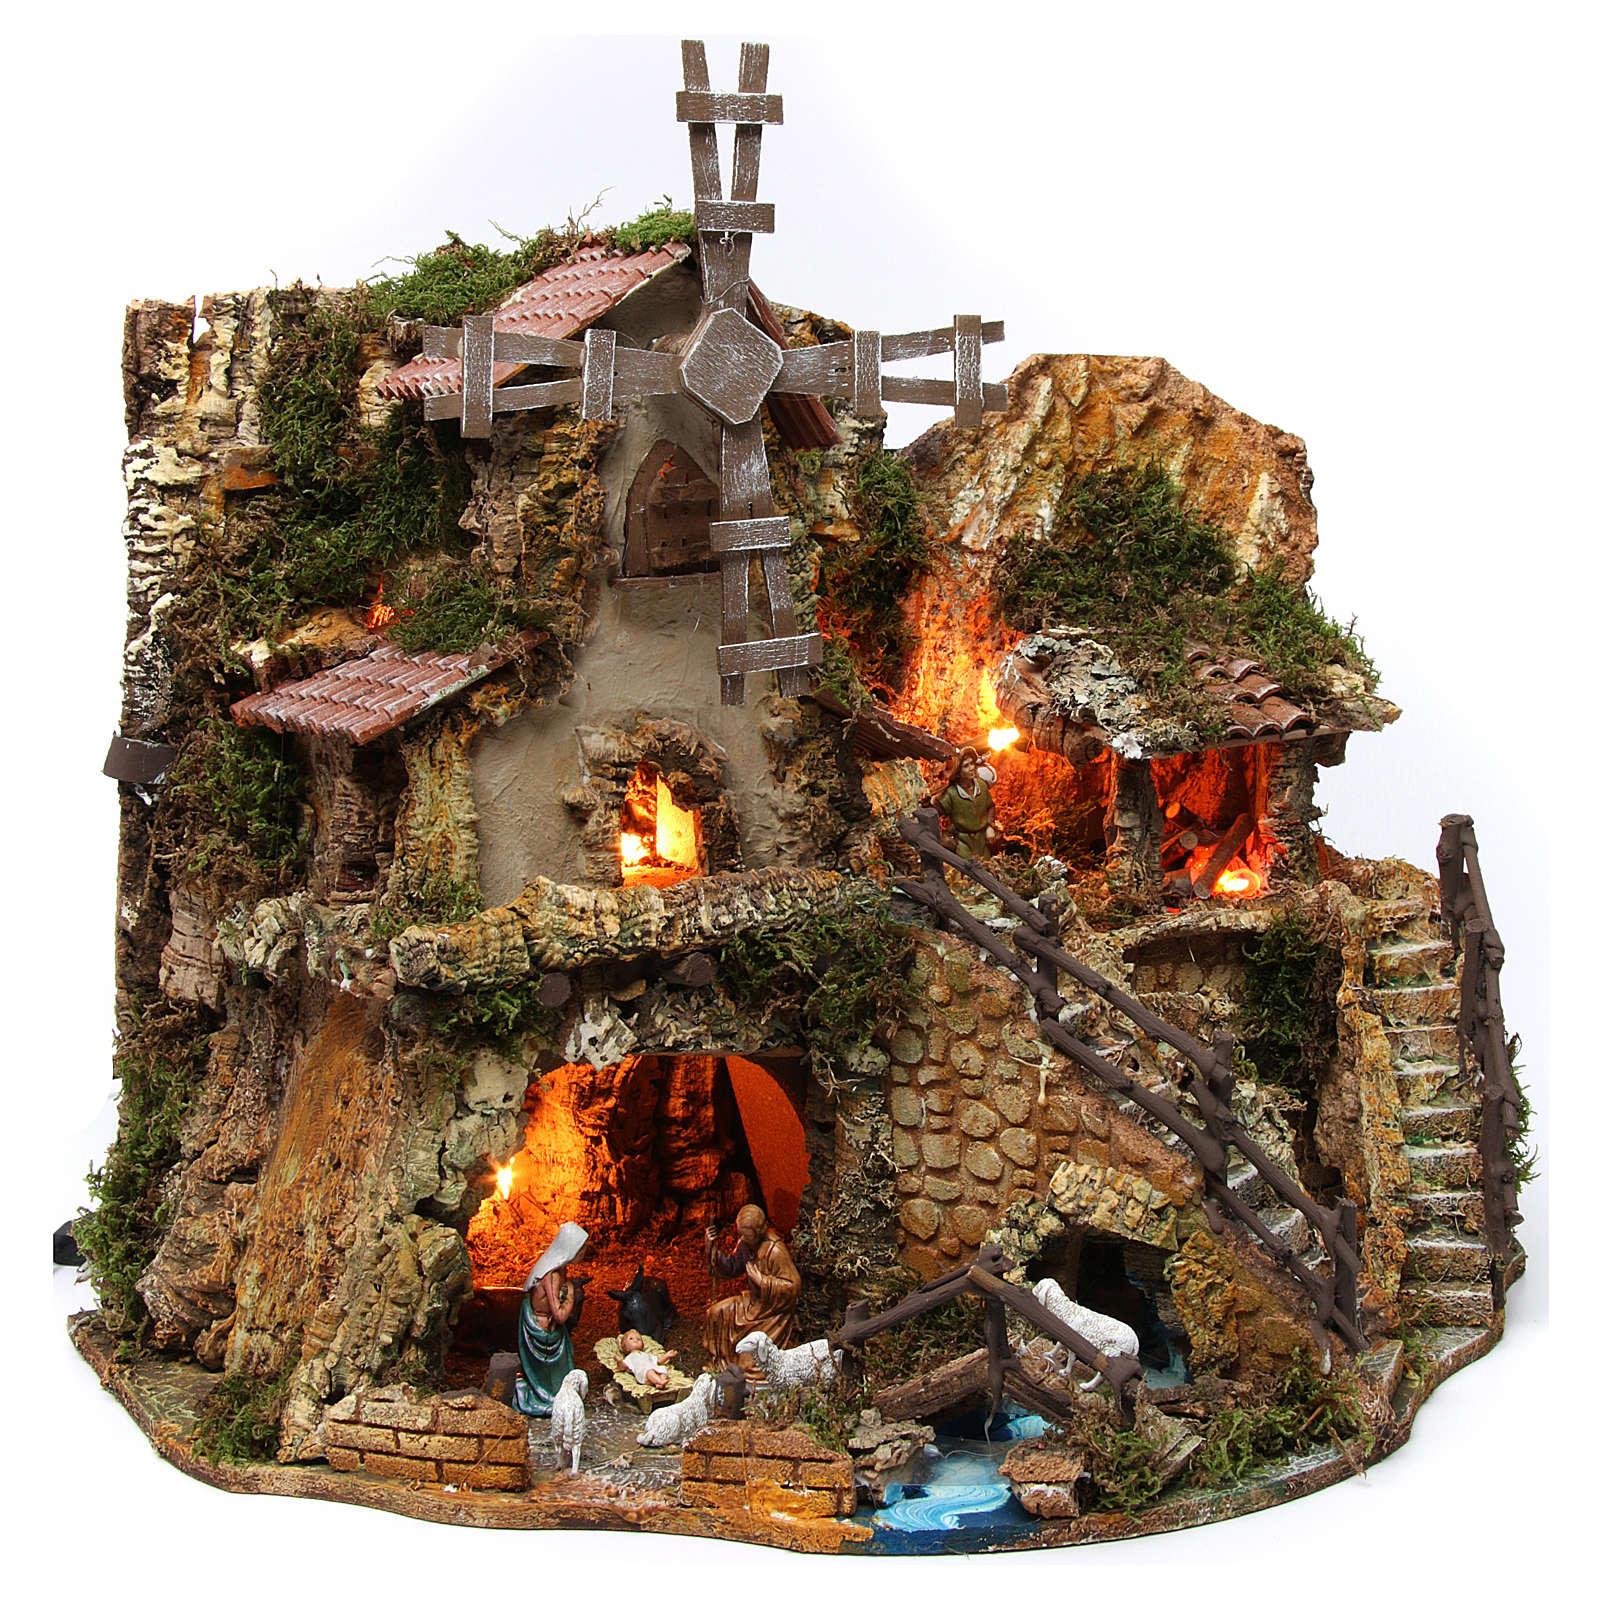 Pueblo con cabaña iluminada casas y molino 42x59x35 cm 4